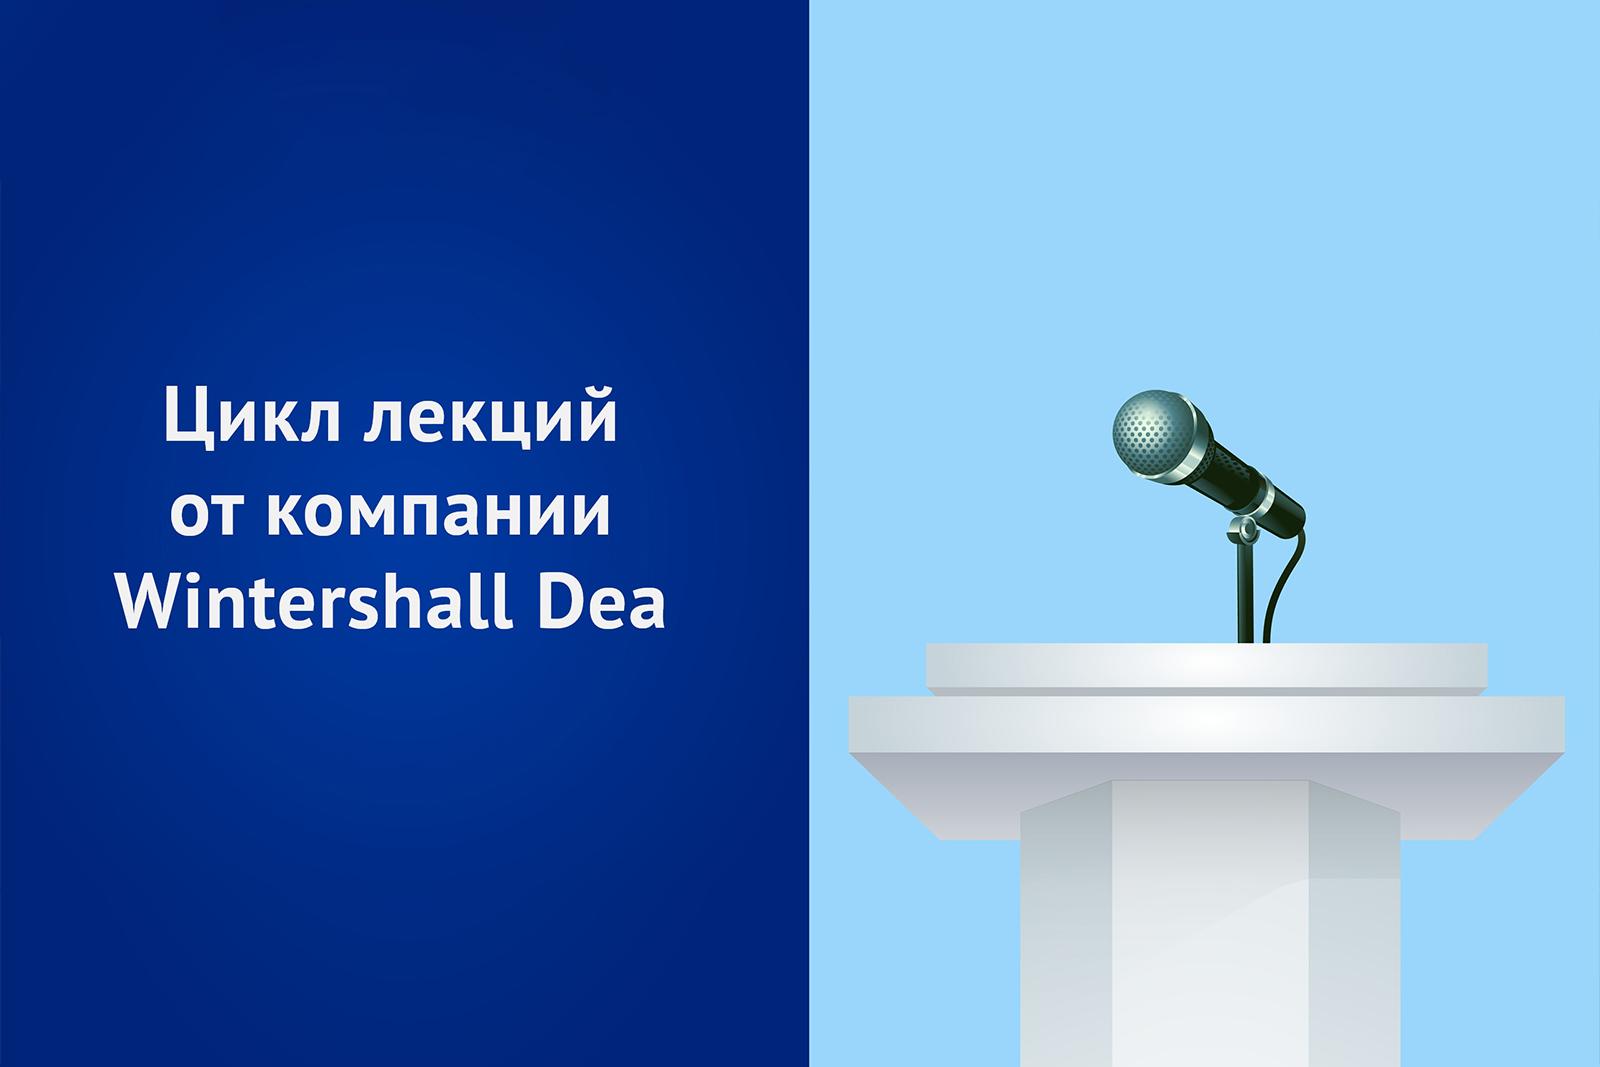 """Компания """"Wintershall Dea"""" проведет в Политехе цикл лекций по нефтегазовому делу"""